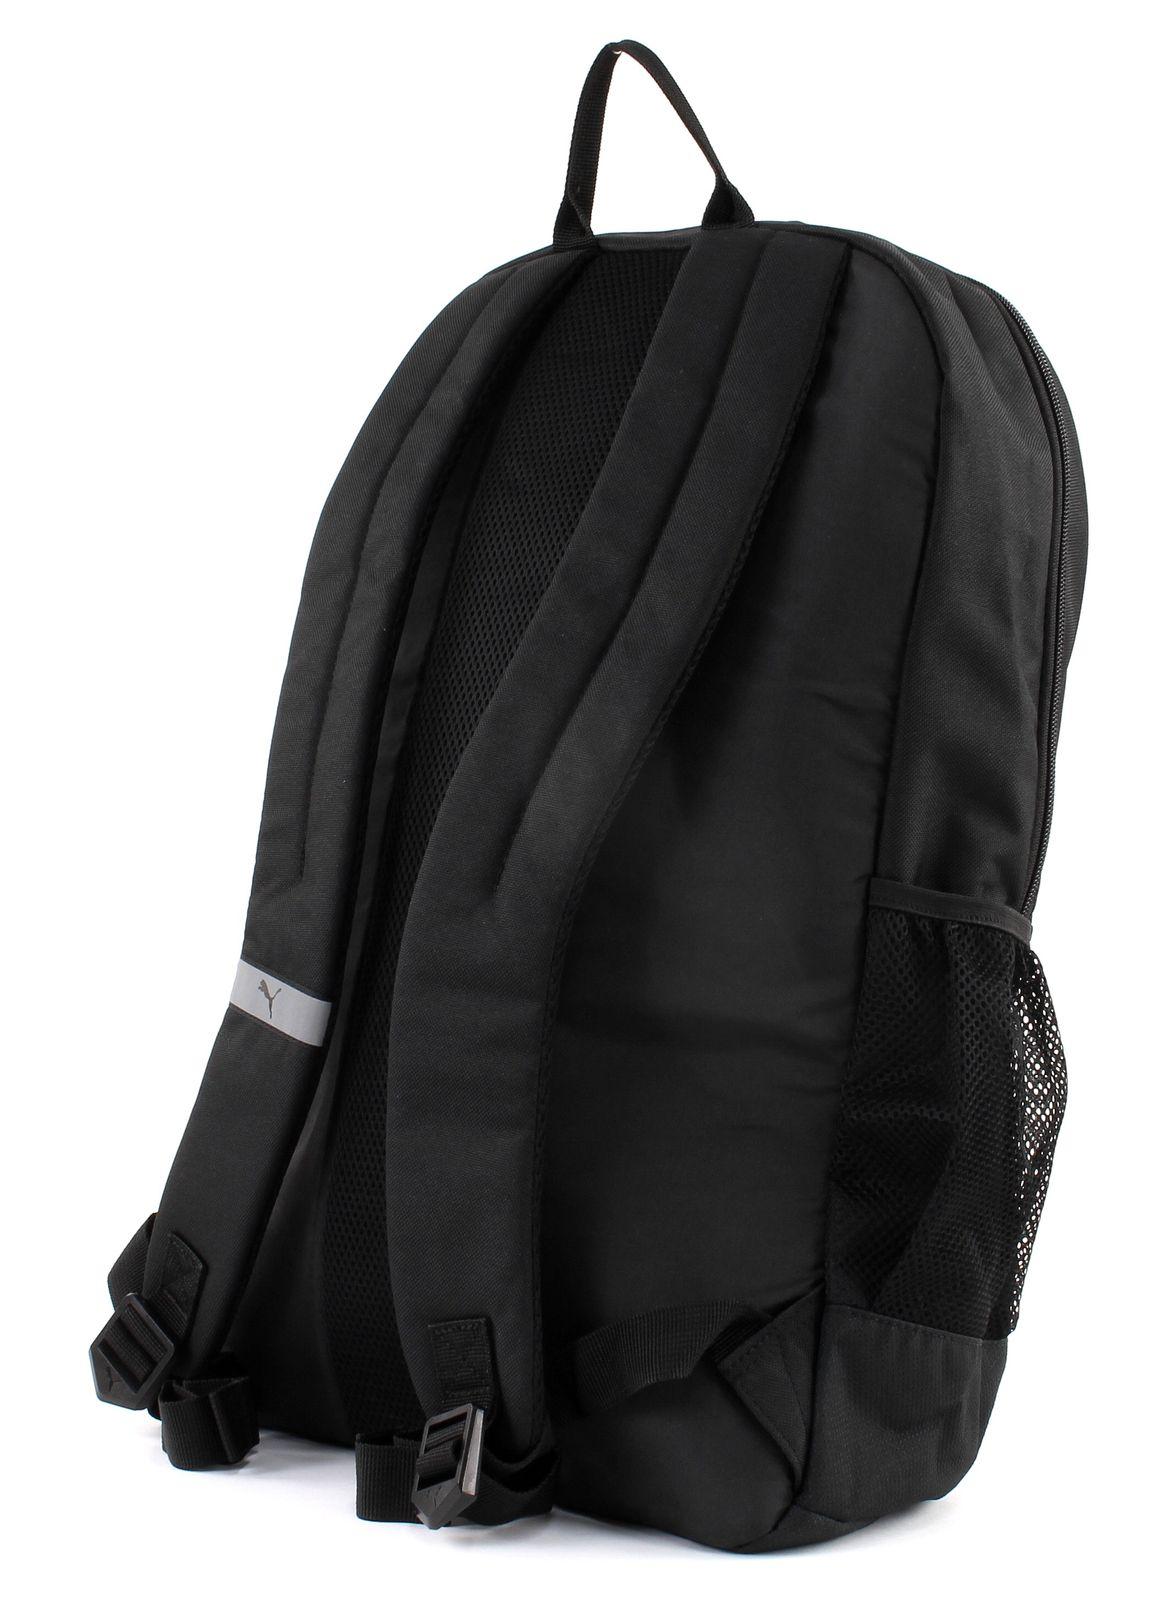 6c040dc1b3a3c PUMA Deck Backpack Rucksack Tasche Puma Black Schwarz Neu